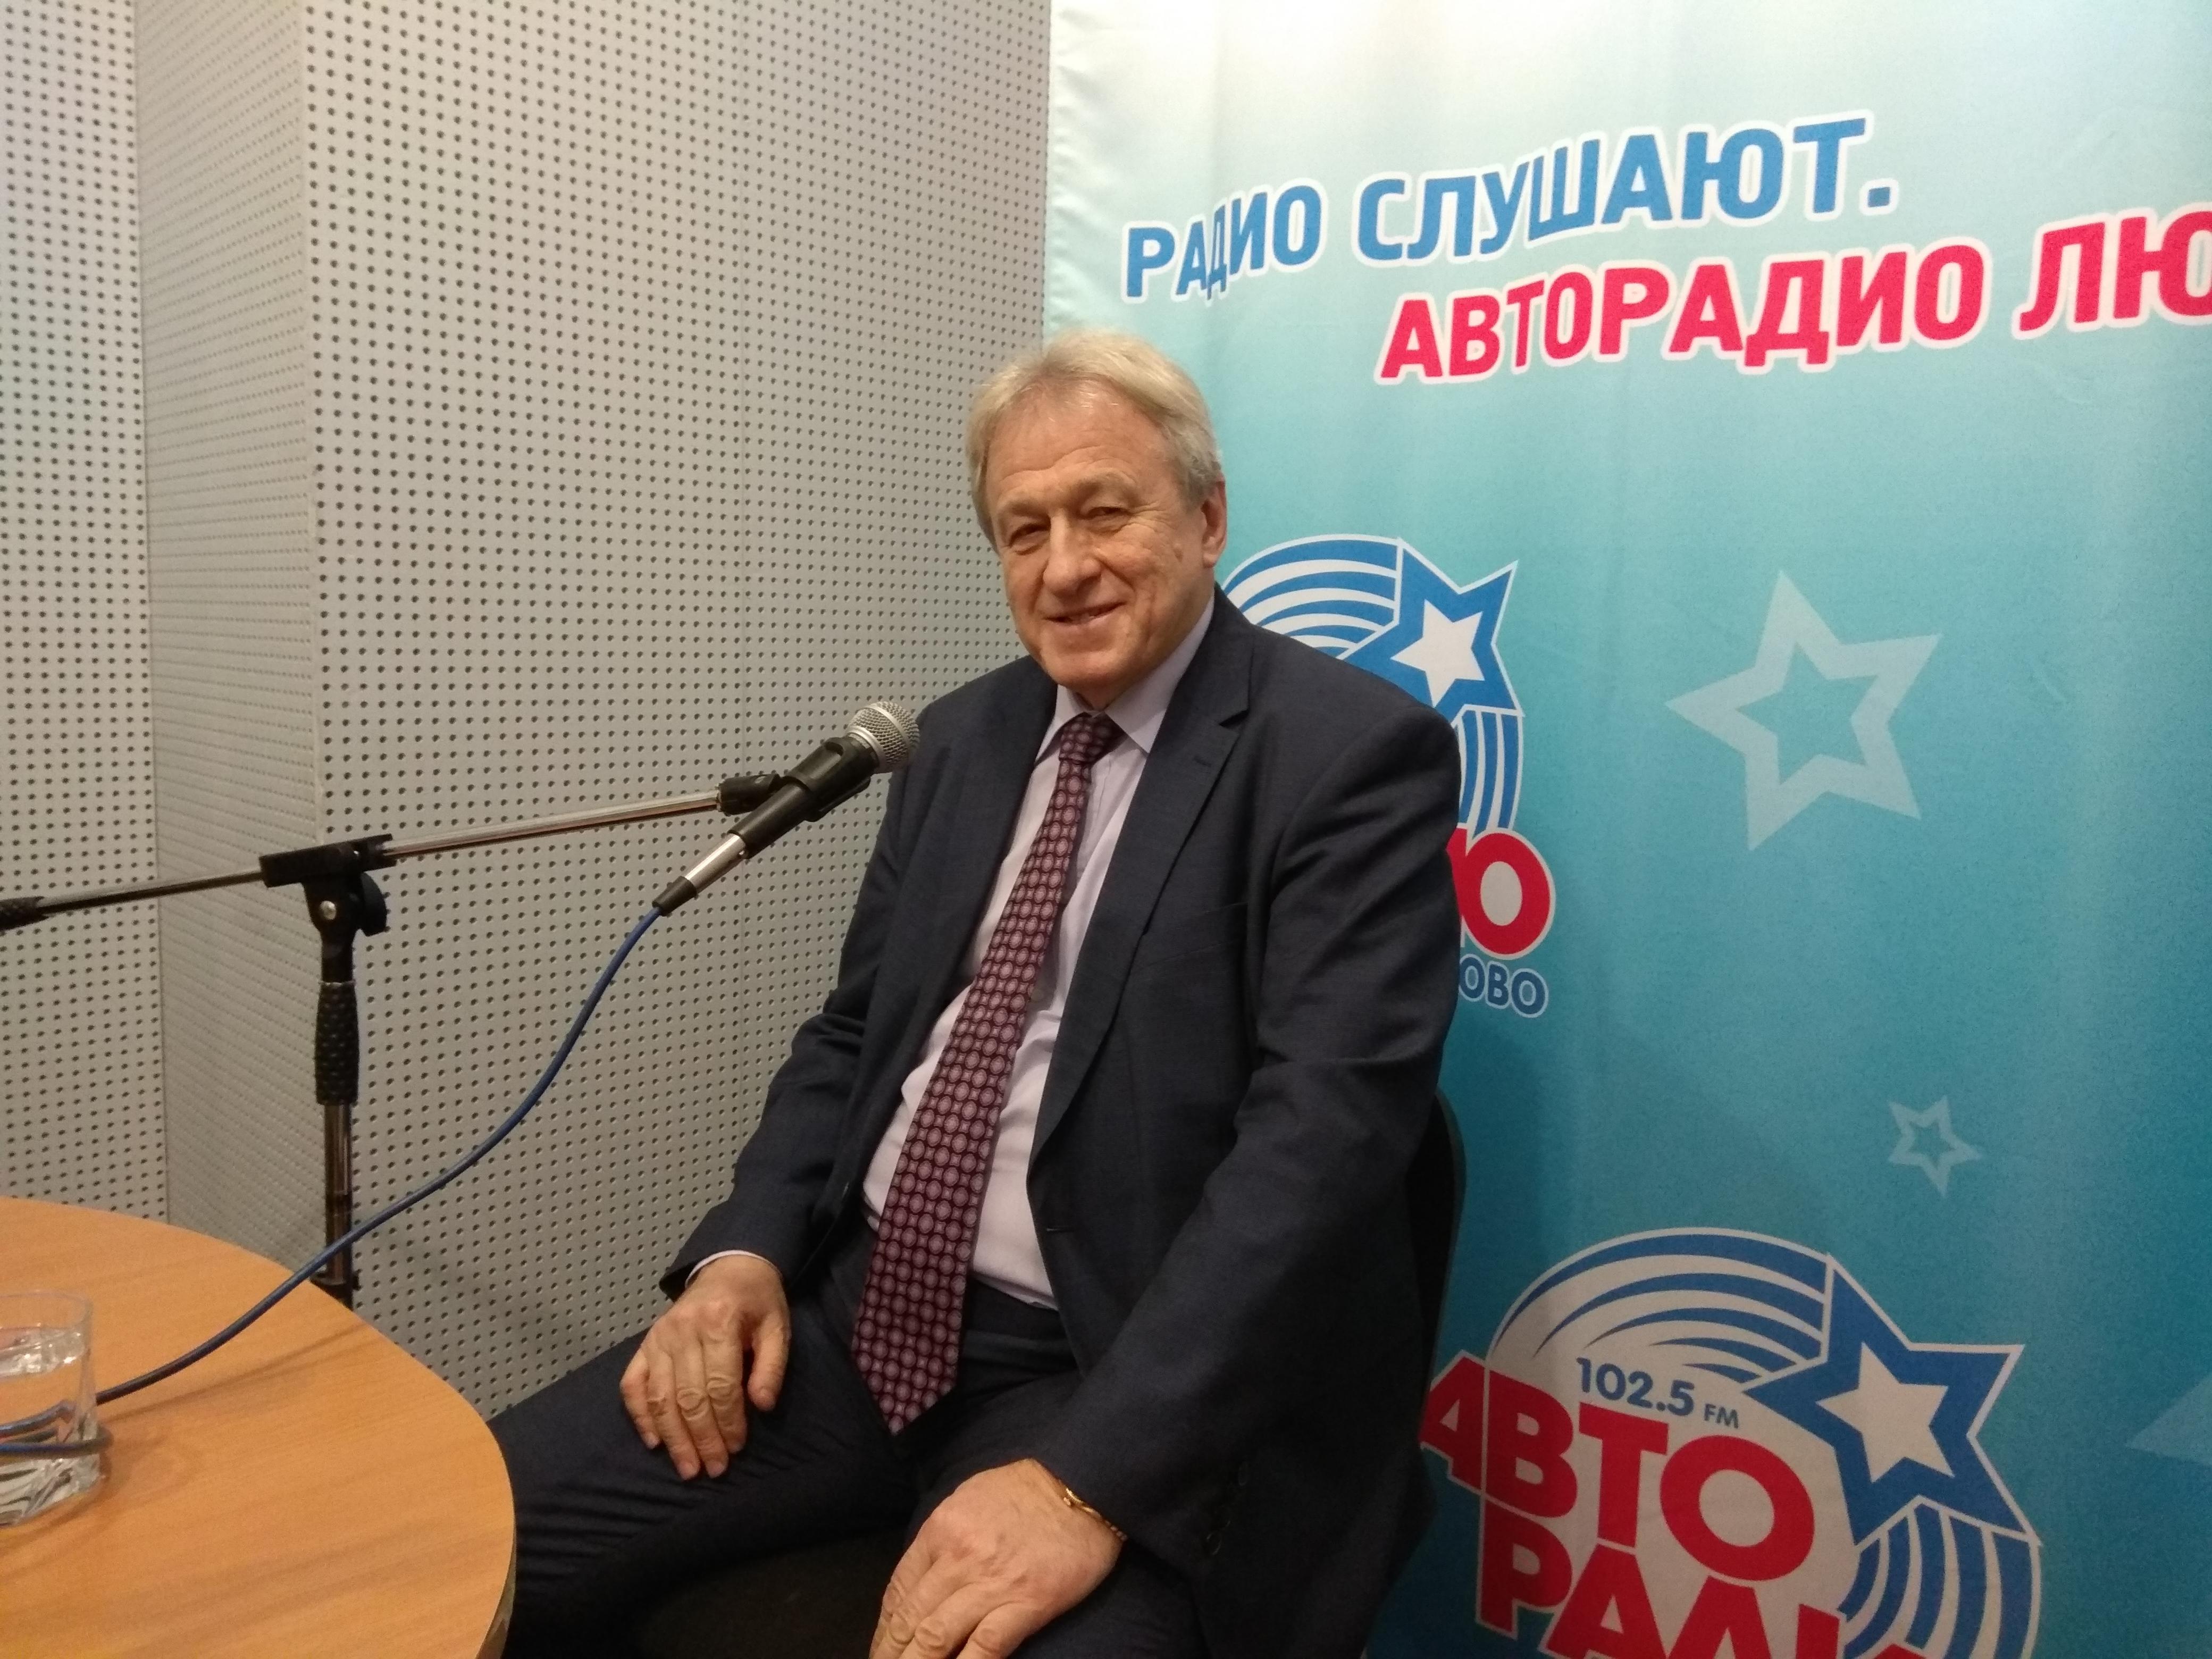 Юрий Валентинович Смирнов